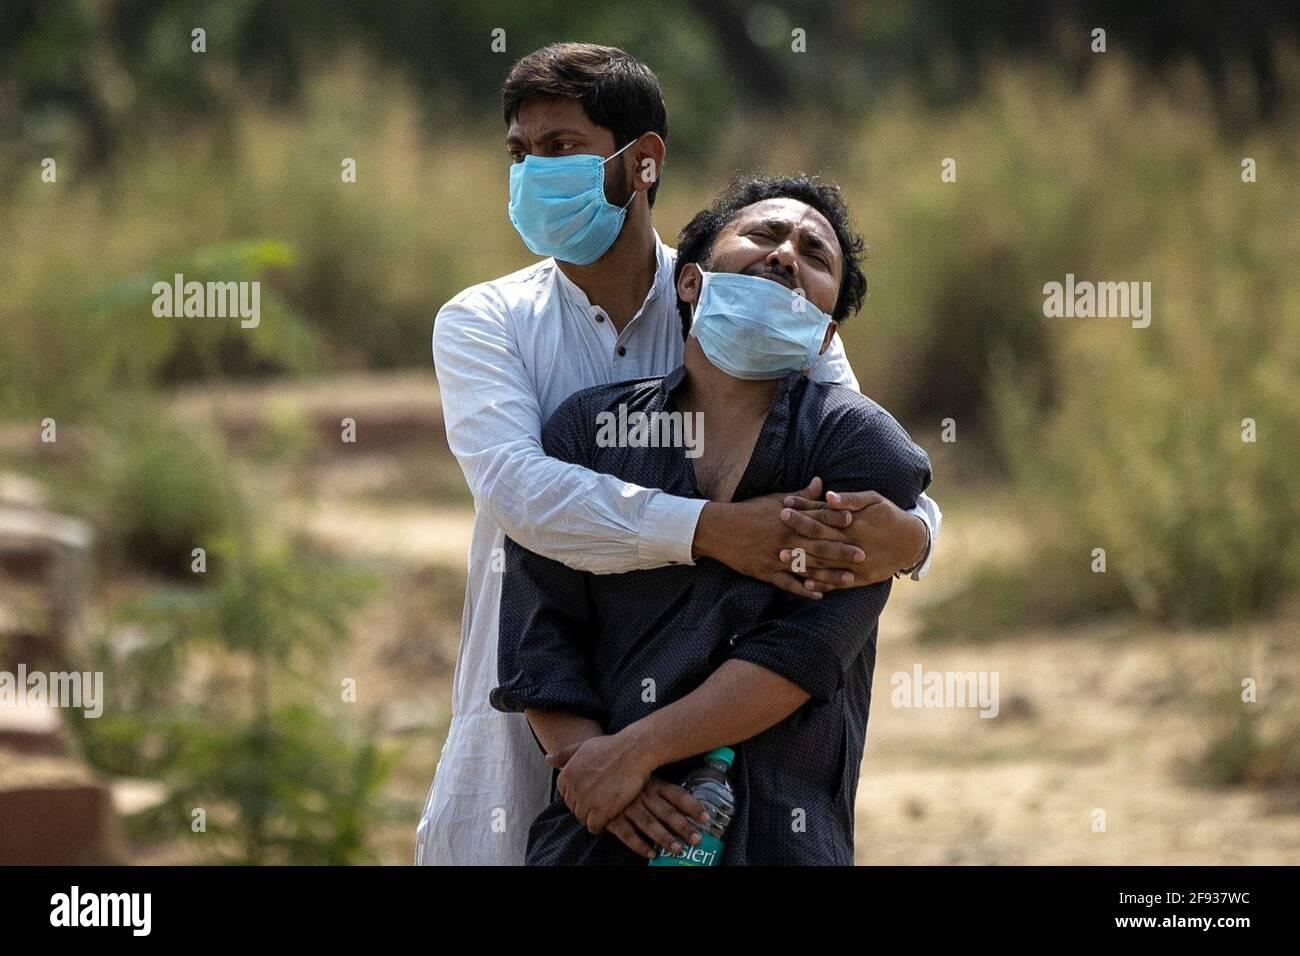 Un hombre es consolado por su pariente mientras ve el cuerpo de su padre, que murió de la enfermedad del coronavirus (COVID-19), antes de su entierro en un cementerio en Nueva Delhi, India, el 16 de abril de 2021. REUTERS/Siddiqui danés Foto de stock